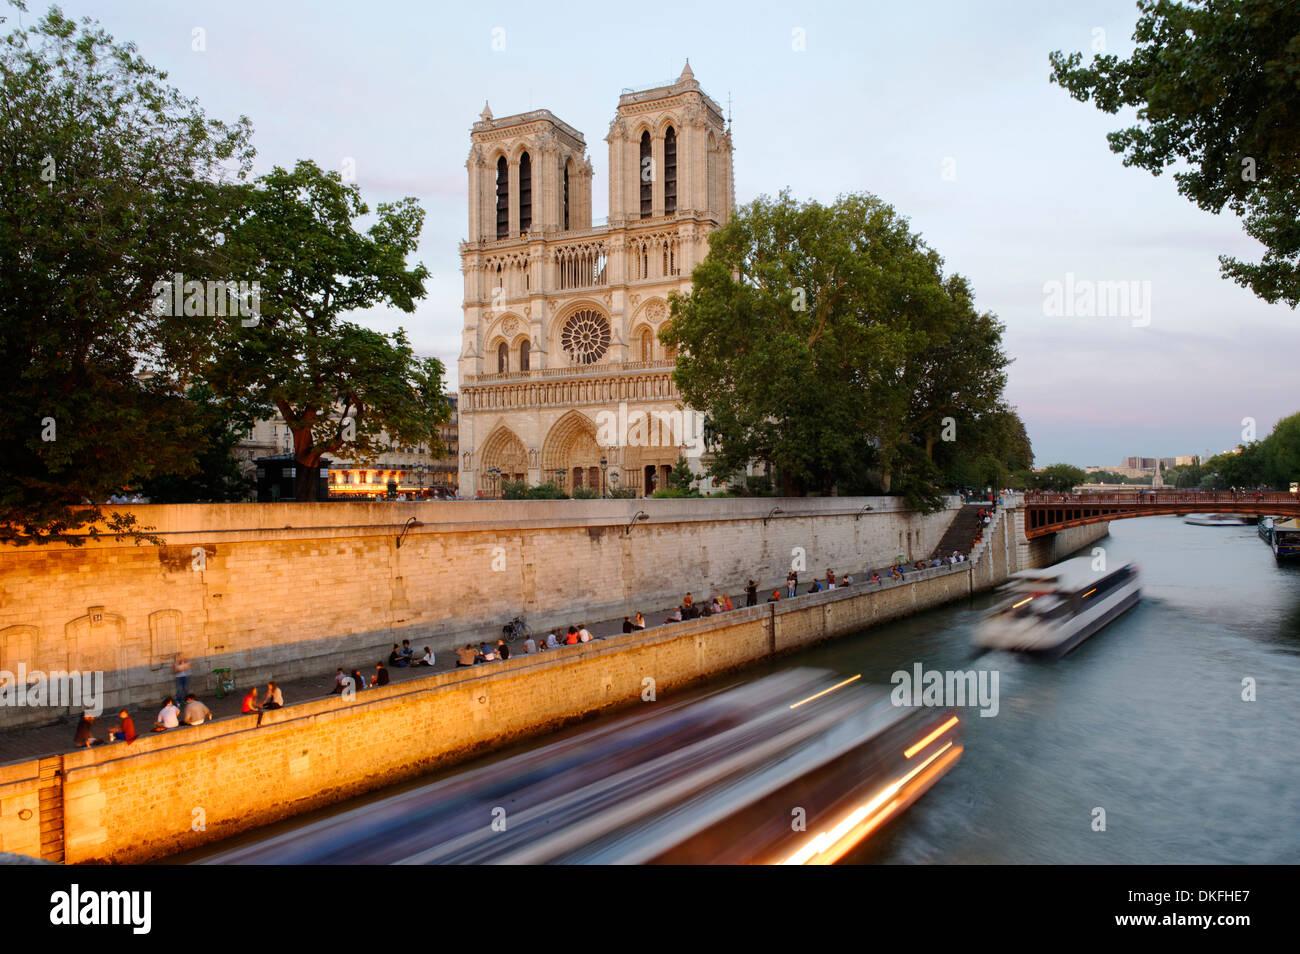 Cattedrale di Notre-dame de Paris in ultima luce della sera, sull'Île de la Cité e la Senna, Parigi, Ile-de-France, Francia Foto Stock